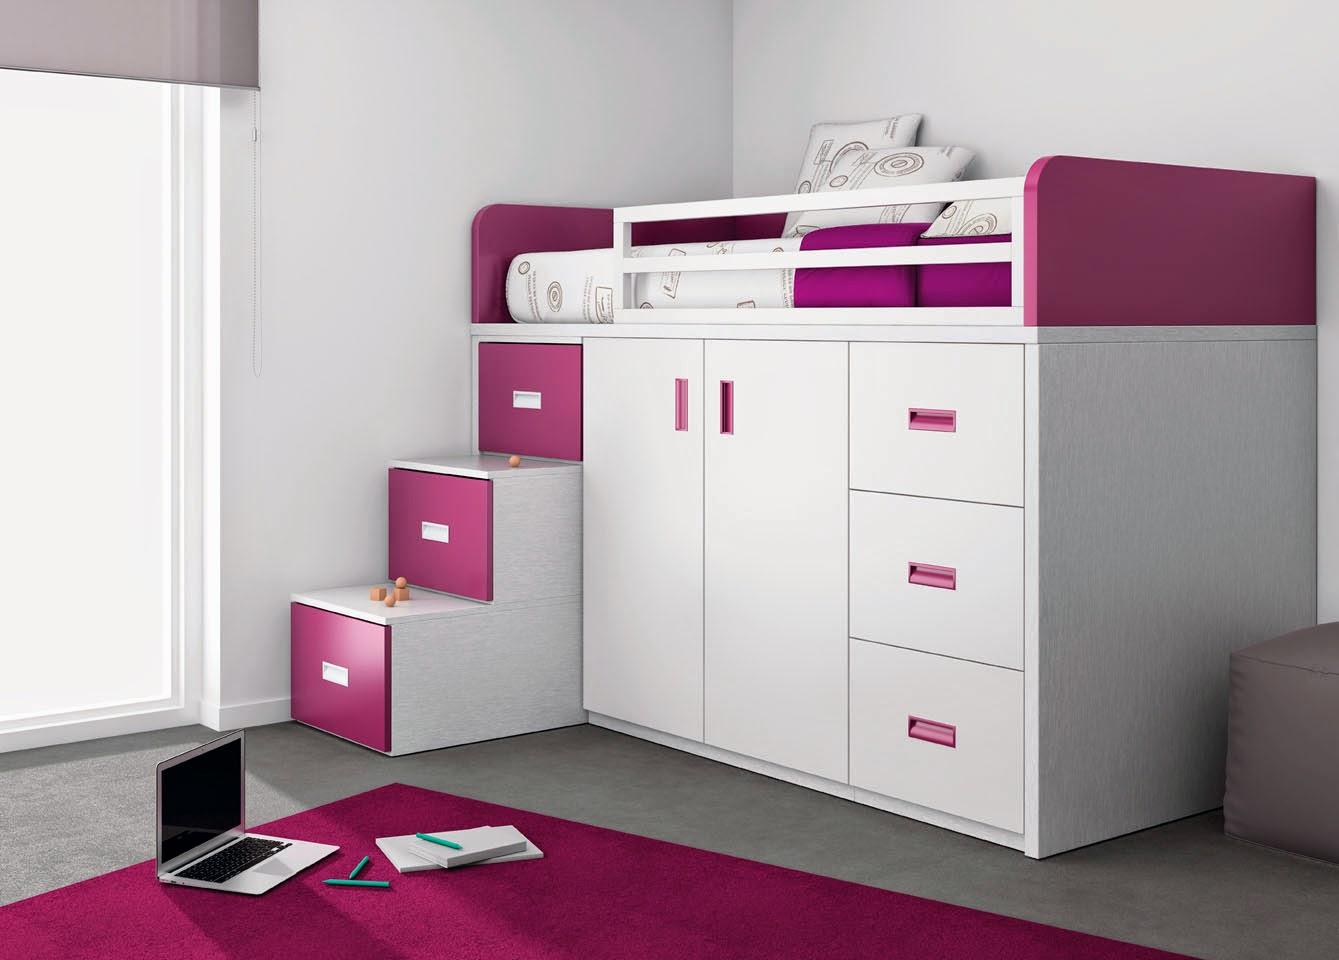 Camerette piccole soluzioni salvaspazio mobili ros - Idee per camerette piccole ...